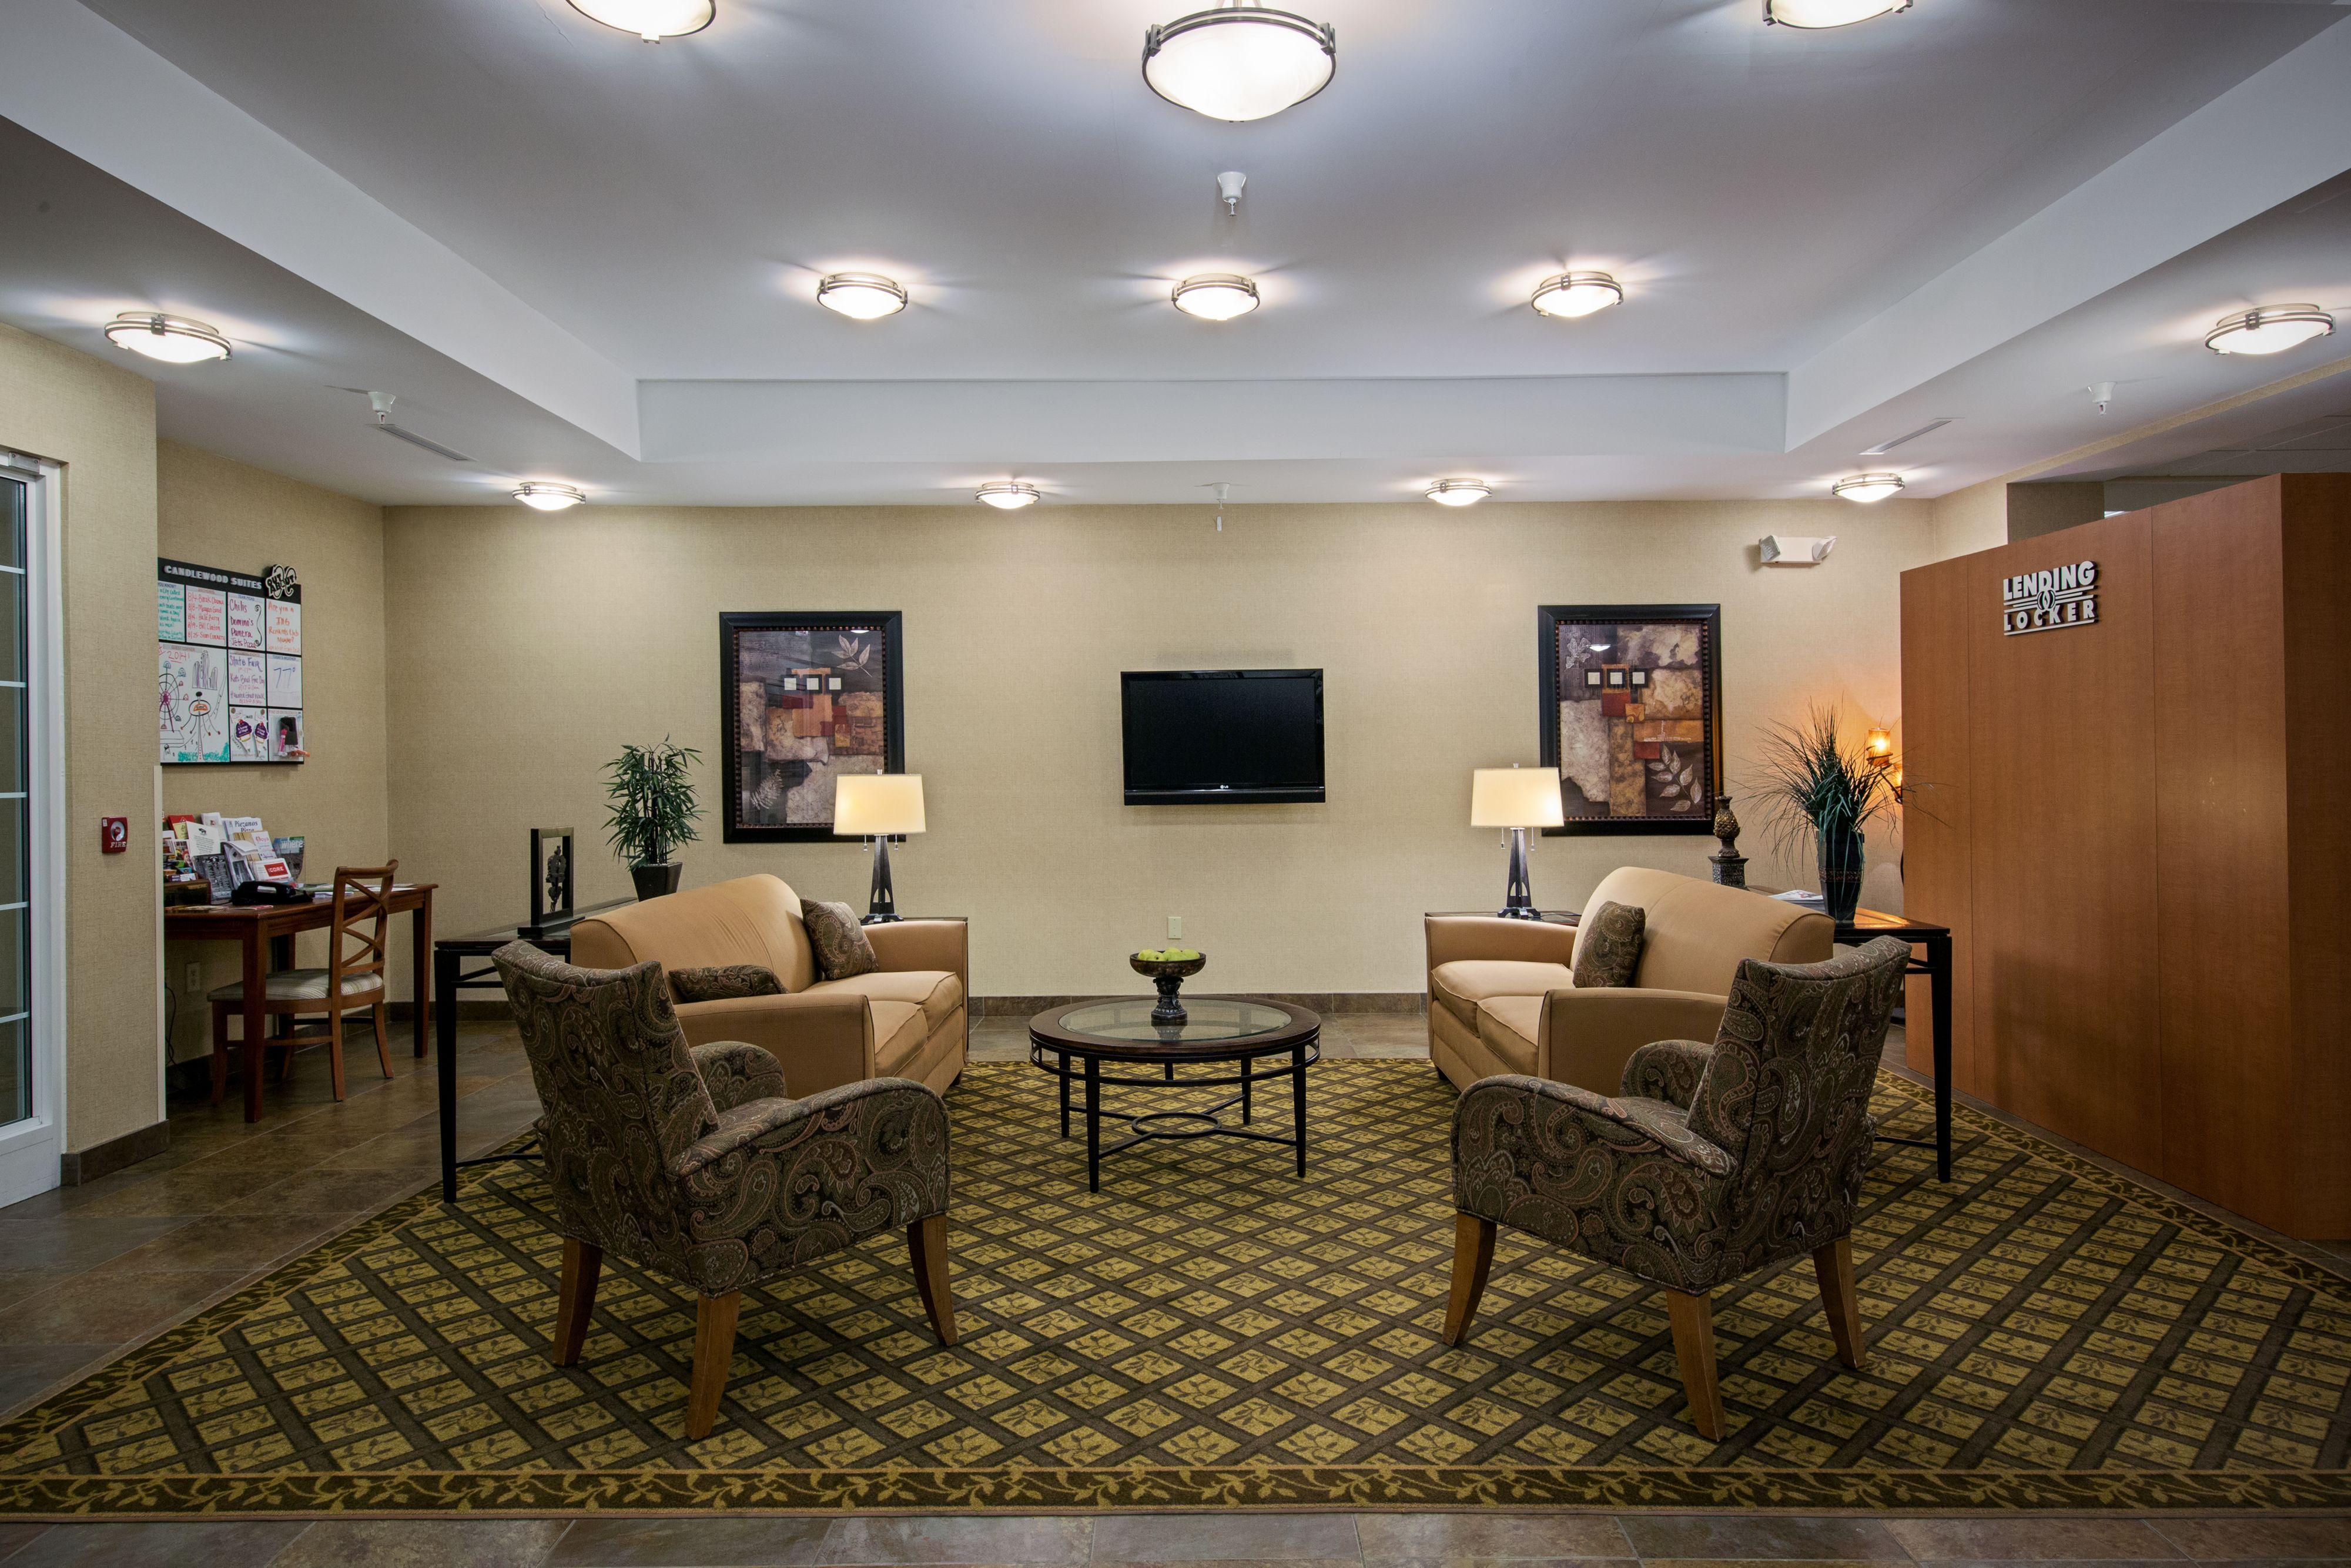 Candlewood Suites Indianapolis Northwest image 3